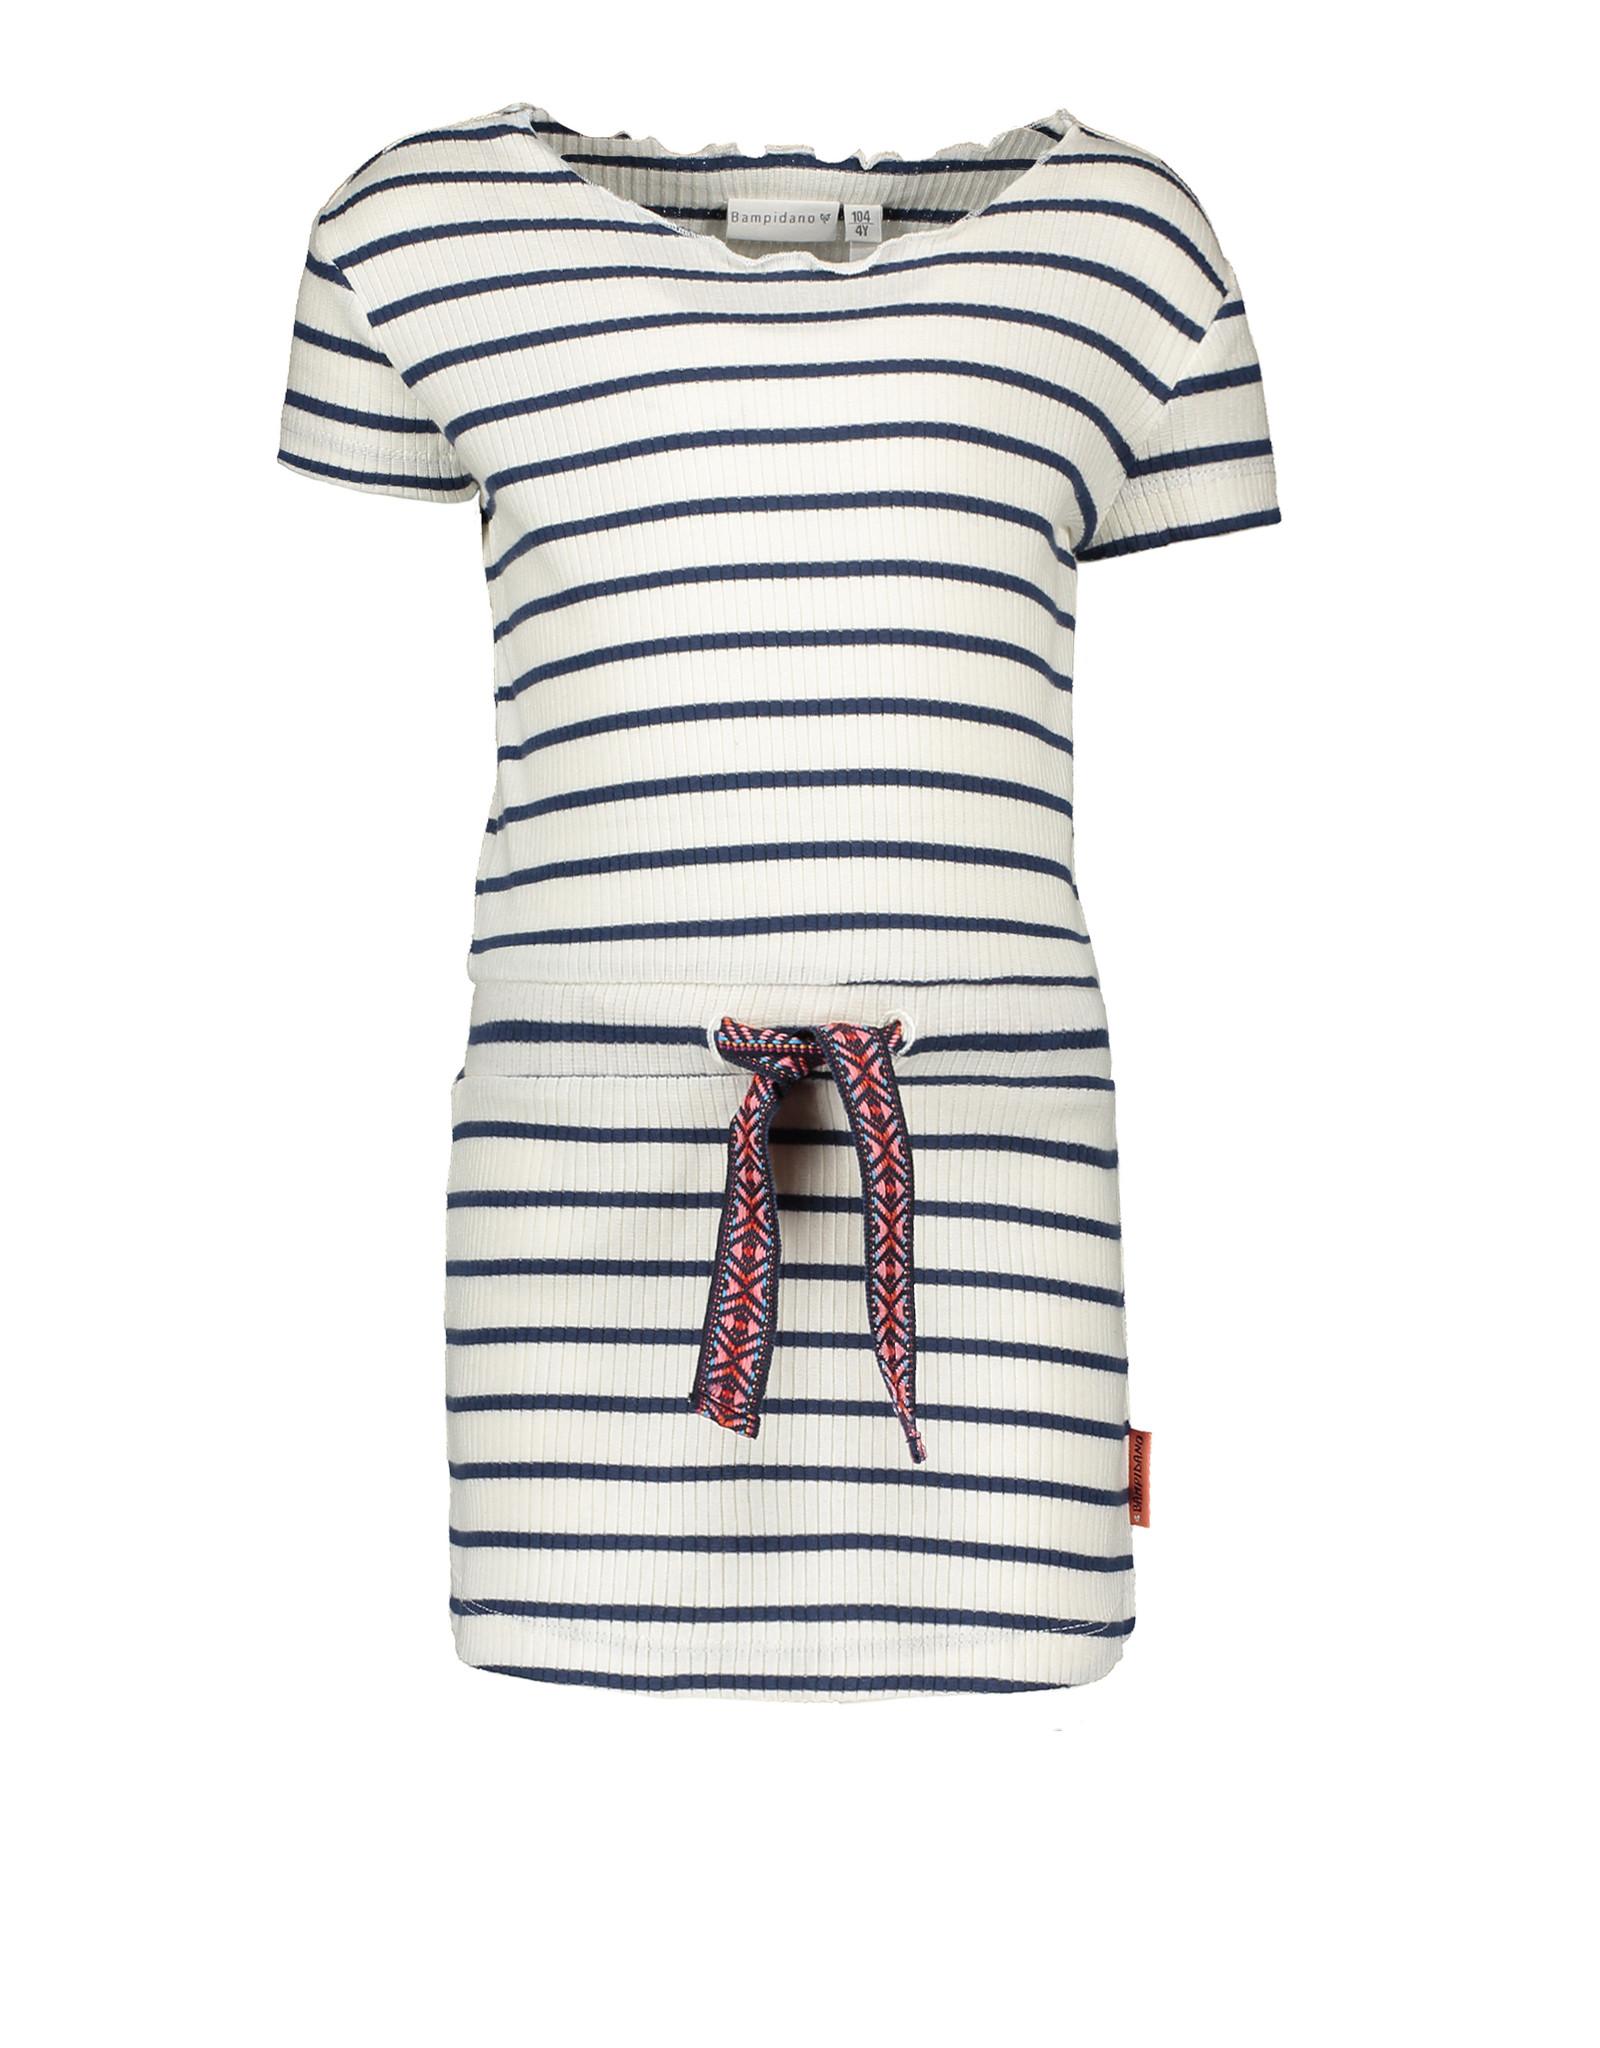 Bampidano Bampidano Junior Girls rib short sleeve dress Disa yd stripe NATURE